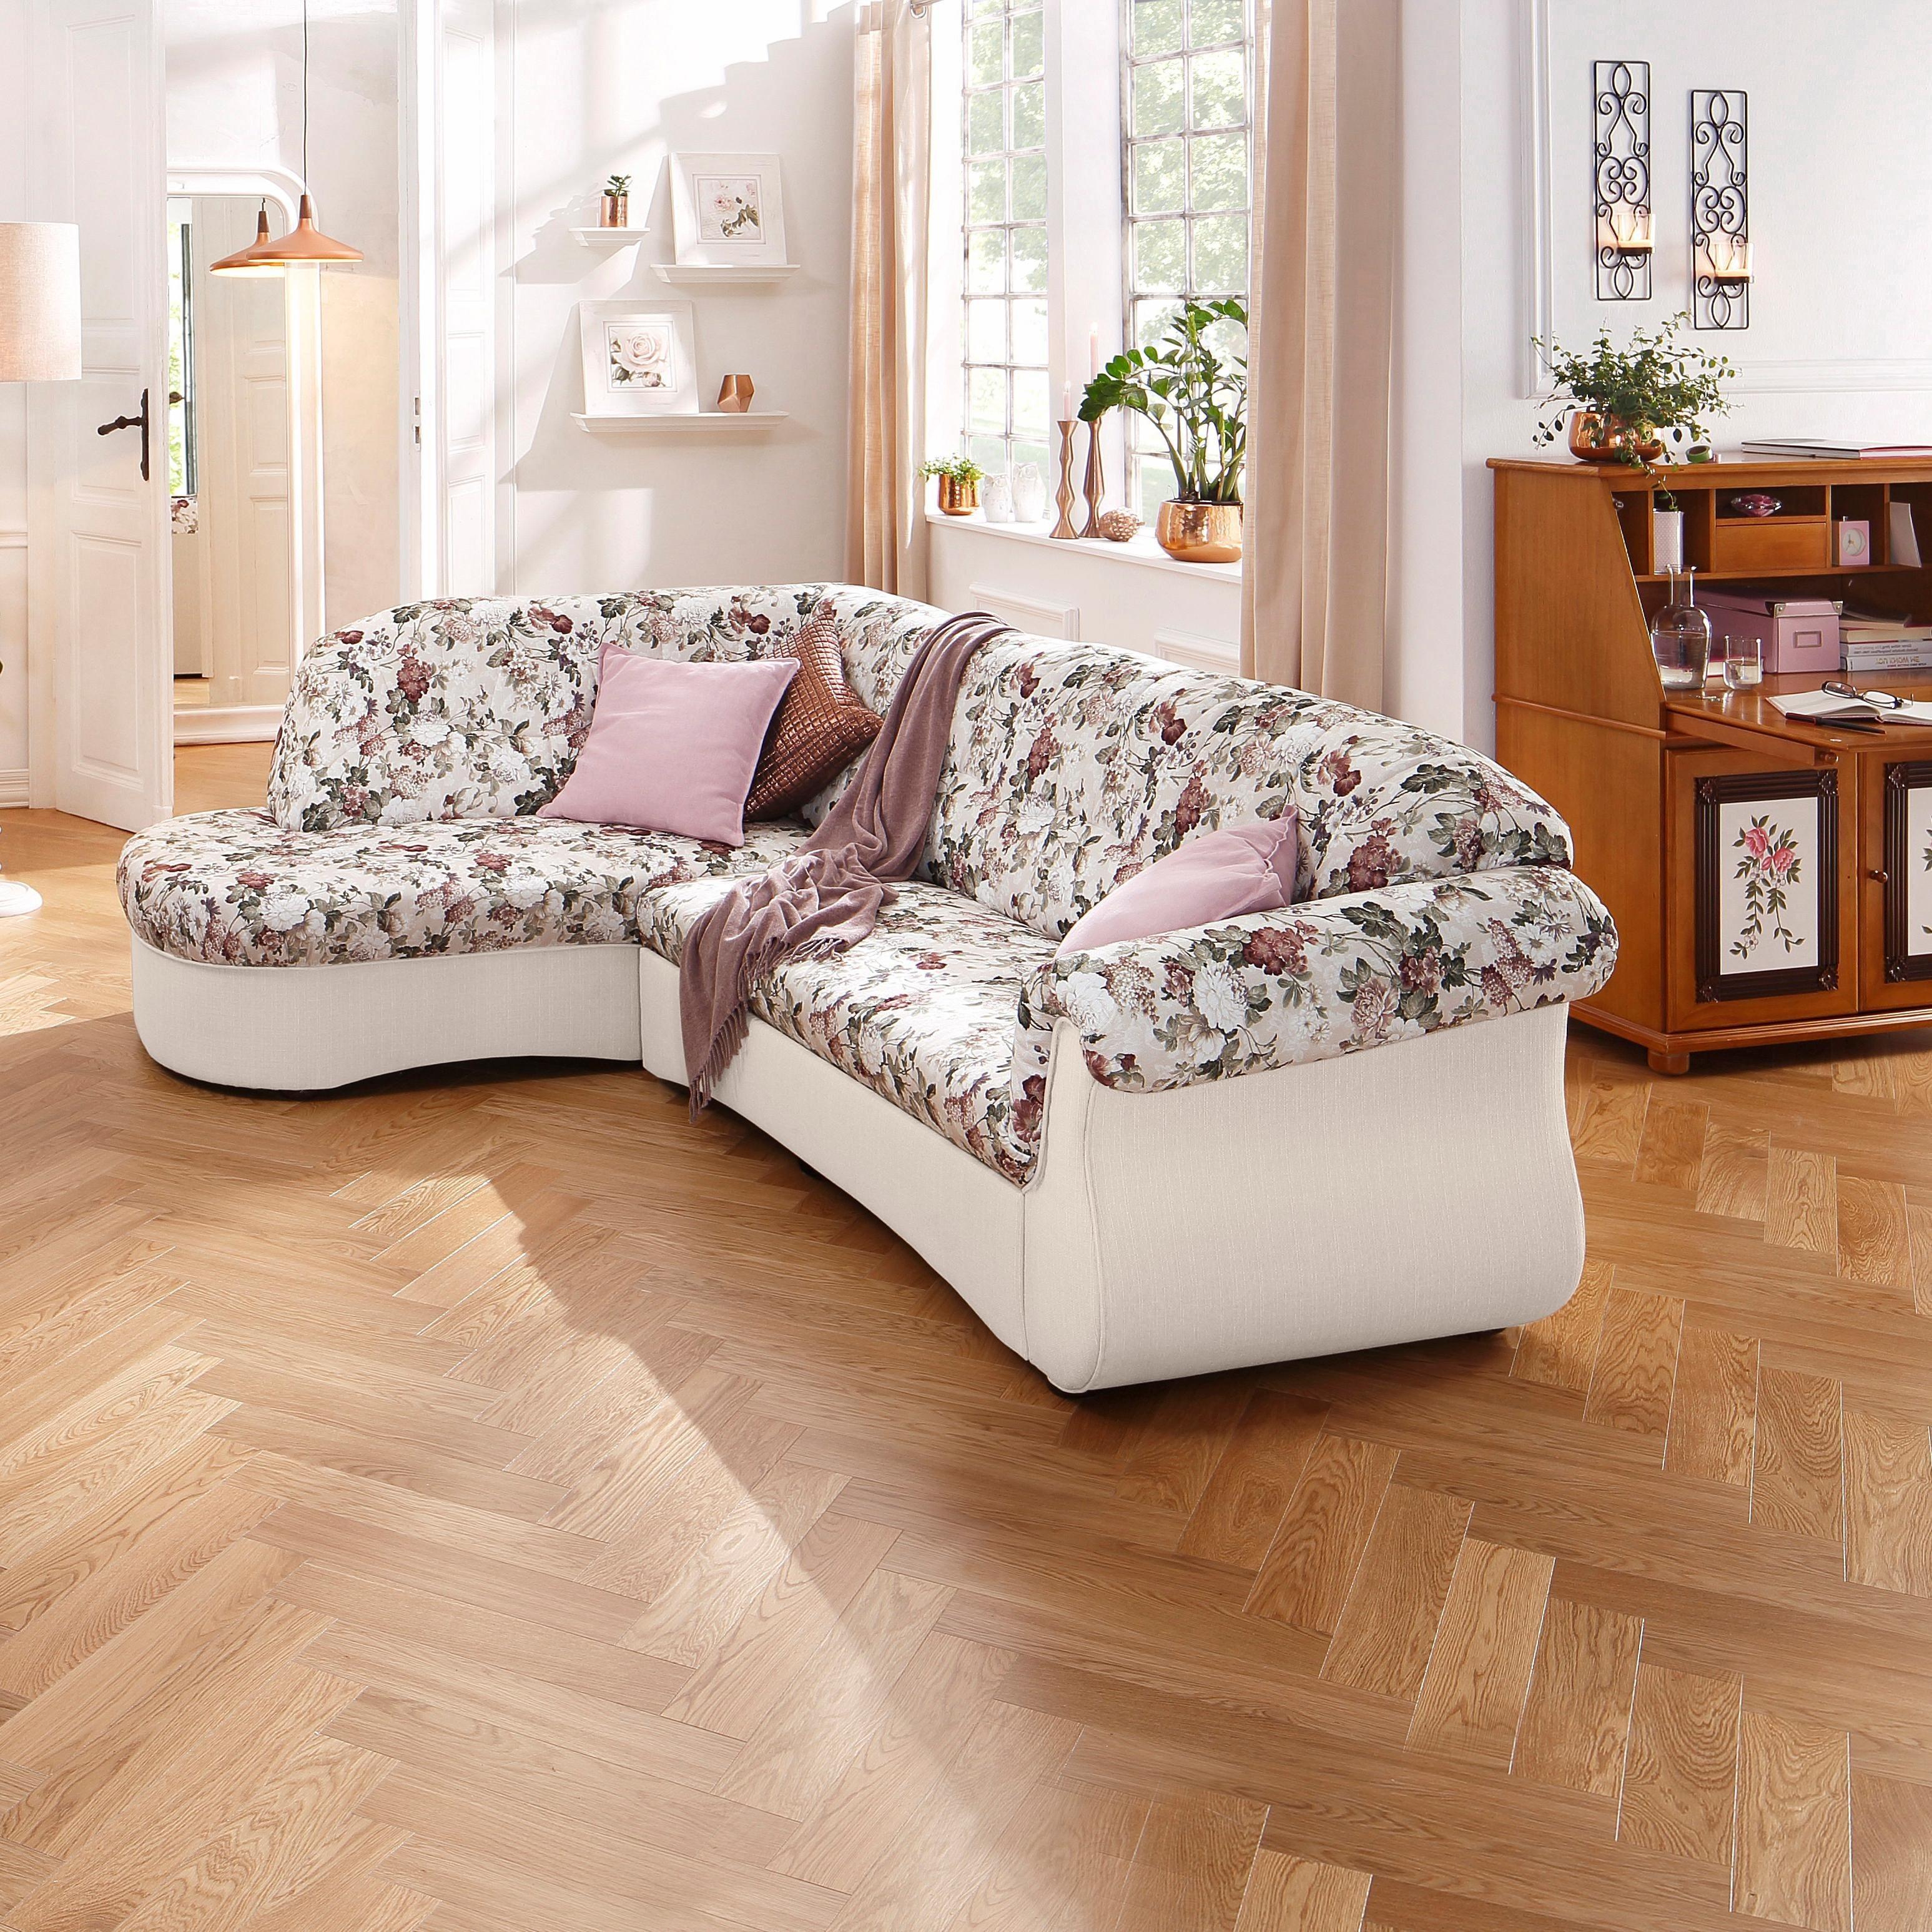 50 sparen ecksofa wyk von home affaire ab 749 99 cherry m bel otto. Black Bedroom Furniture Sets. Home Design Ideas